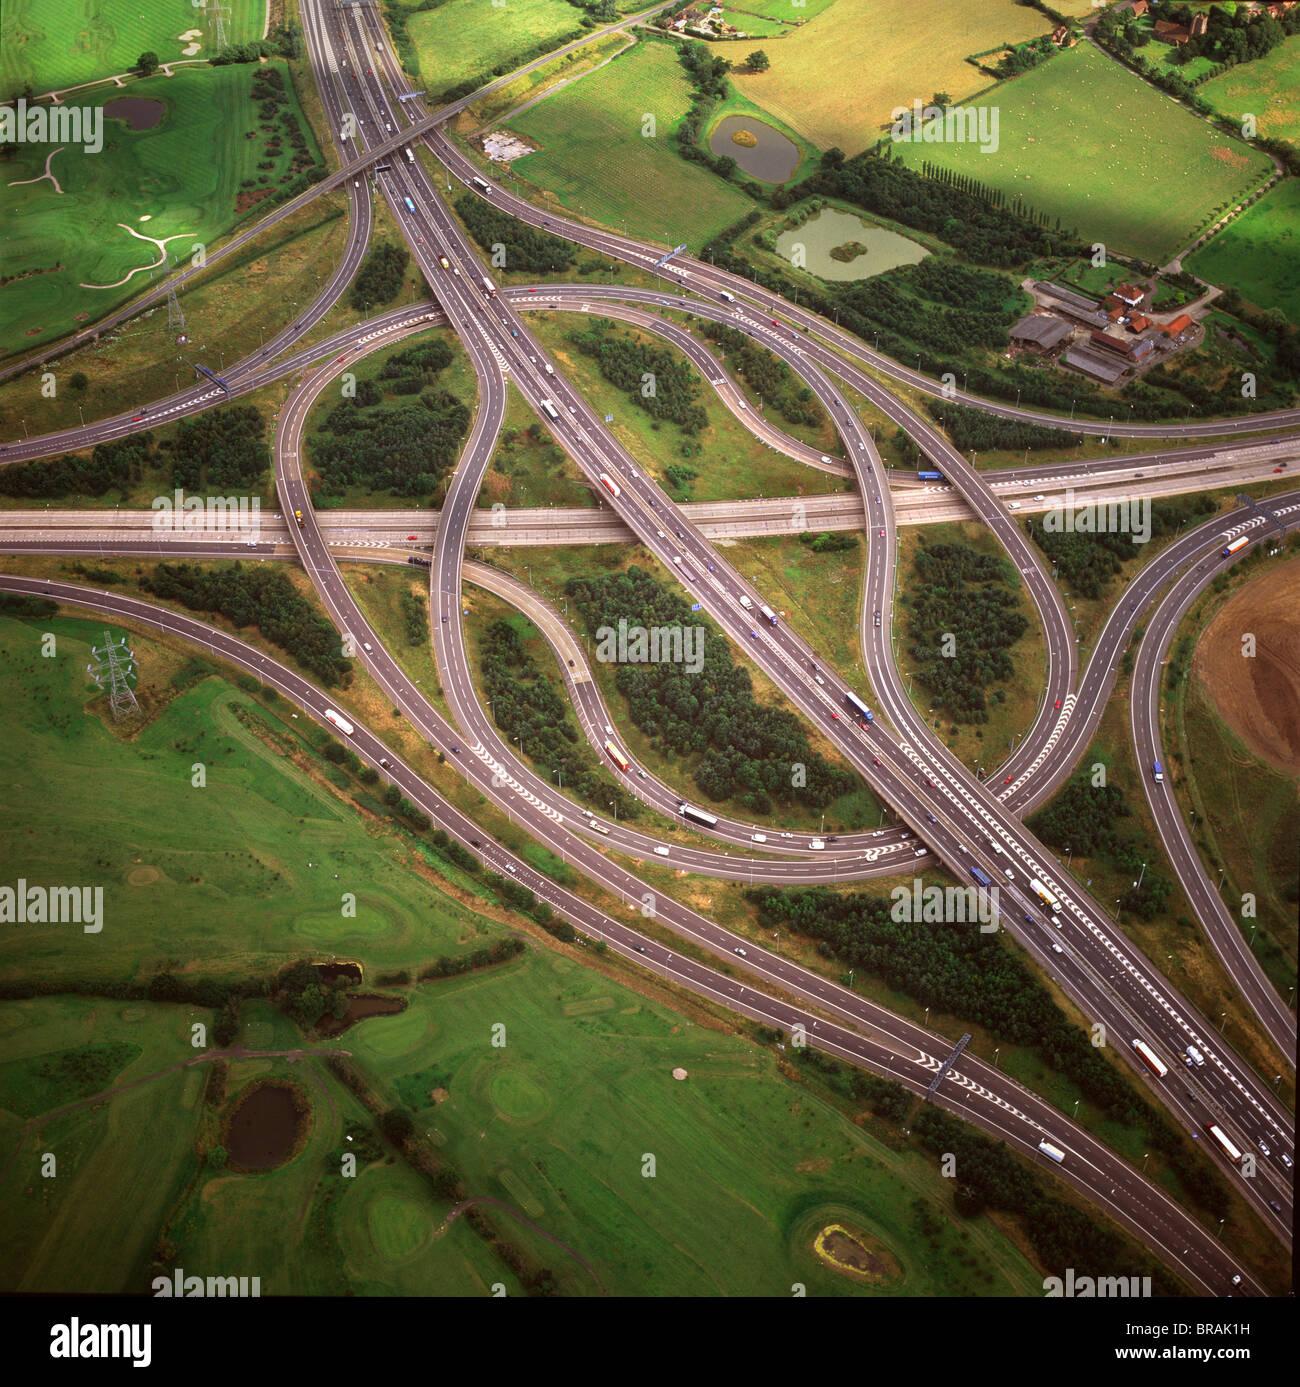 Imagen aérea de M25 y M11 Motorway Junction, Essex, Inglaterra, Reino Unido, Europa Imagen De Stock